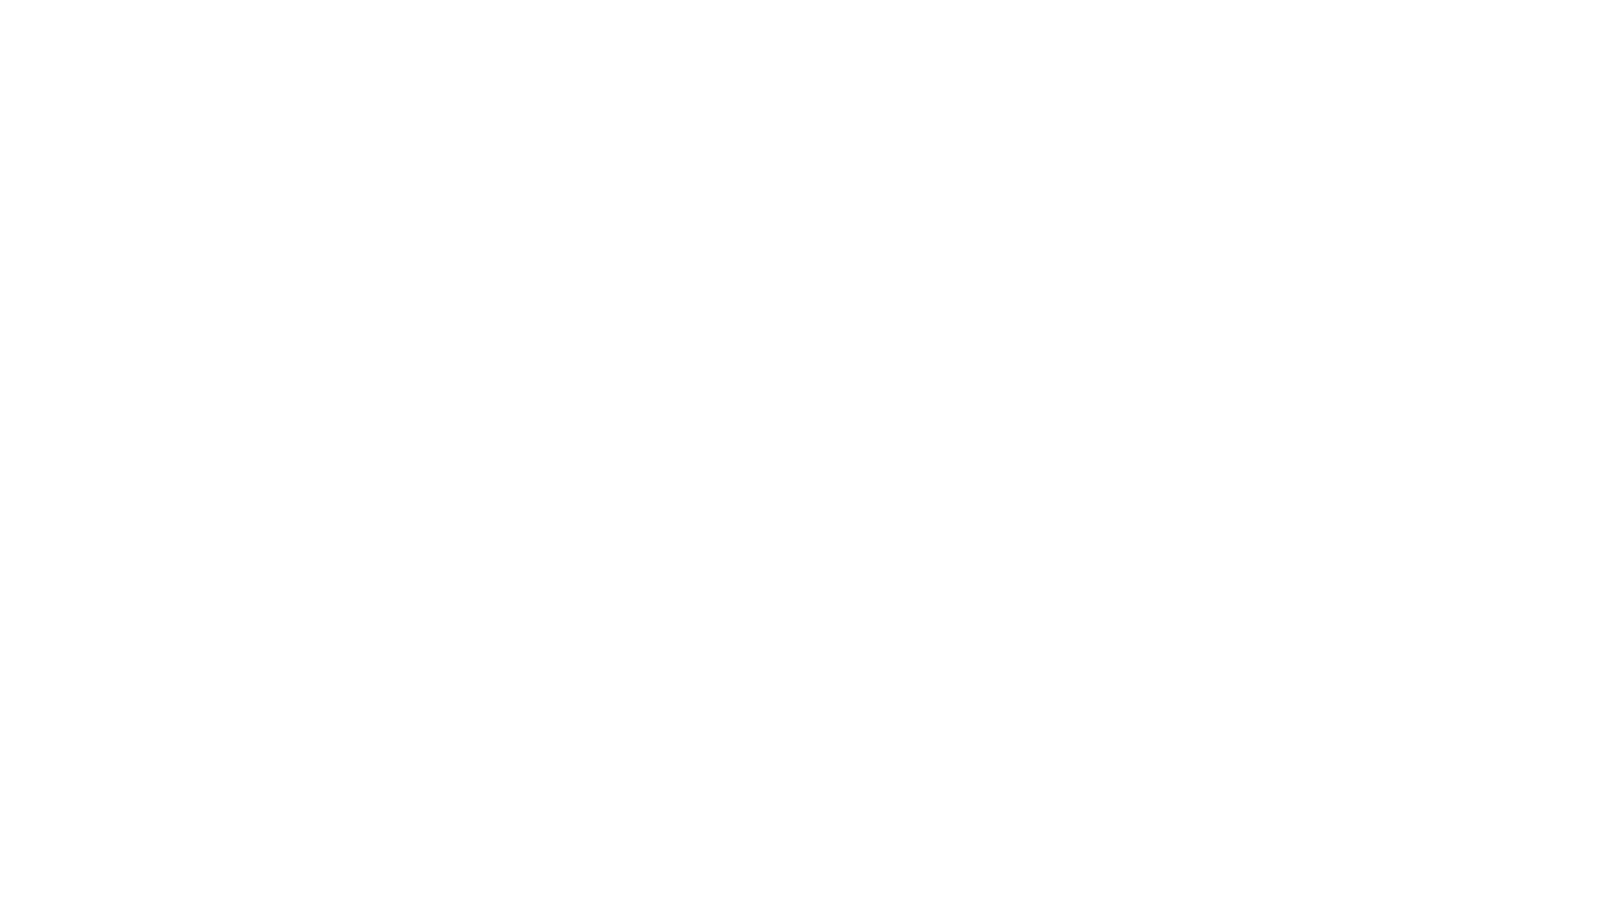 """Depoimento de Alexandre, de Los Angeles (CA) sobra a filha, Mariana, curada pelo Protocolo Rodrigo Batalha de tratamento da tricotilomania/tricofagia, que já solucionou 100% de casos desses transtornos. Em quase três anos, todas as pessoas que fizeram o tratamento ficaram livres da doença, e nenhum caso registrado de recidiva. Em breve mais vídeos, informações, dicas e novidades. Contato para consultas e tratamento:  WhatsApp (11) 98775-6515.   Rodrigo Batalha é """"consultor"""" especialista em neurociência cognitiva aplicada ao comportamento com mais de 19 mil consultas. Autor de 3 livros, tem ampla experiência internacional (EUA). Ajuda pessoas a conquistar saúde mental, mudanças e objetivos na vida, carreira, esporte e alta performance. Usa a neurociência moderna na solução de transtornos importantes como depressão, ansiedade, medo, tricofagia e tricotilomania; qualificação corporativa, qualidade de vida, aumento de produtividade e mudanças pessoais significativas. Ministrou mais de 650 palestras para companhias nacionais e multinacionais, atende jogadores da seleção brasileira de futebol (CBF) e atletas de alto rendimento como Thaísa Daher, bi campeã mundial e olímpica pela seleção brasileira de vôlei.  Livros: """"Medo, o controle em suas mãos"""" (Saraiva), """"Desempenho Máximo - Estratégias Para Conquistar Seus Objetivos"""" (Saraiva) e """"O Poder das Expectativas - Como se Proteger, Assumir o Controle e Transformar em Sucesso"""" (RBC).  --------------------------------------- ►Palestras: https://www.rodrigobatalha.com/palestras --------------------------------------- ►Conheça nossos livros que vêm mudando a vida de milhares de pessoas: https://www.rodrigobatalha.com/ebooks ----------------------------------------------------------------------------------------------------------- Siga-nos em nossas redes sociais. ► Instagram: http://www.instagram/rodbatalha ► Linkedin: Rodrigo Batalha ► Site: https://www.rodrigobatalha.com ► Facebook: http://www.facebook.com/rodrigobatalha00 ---"""